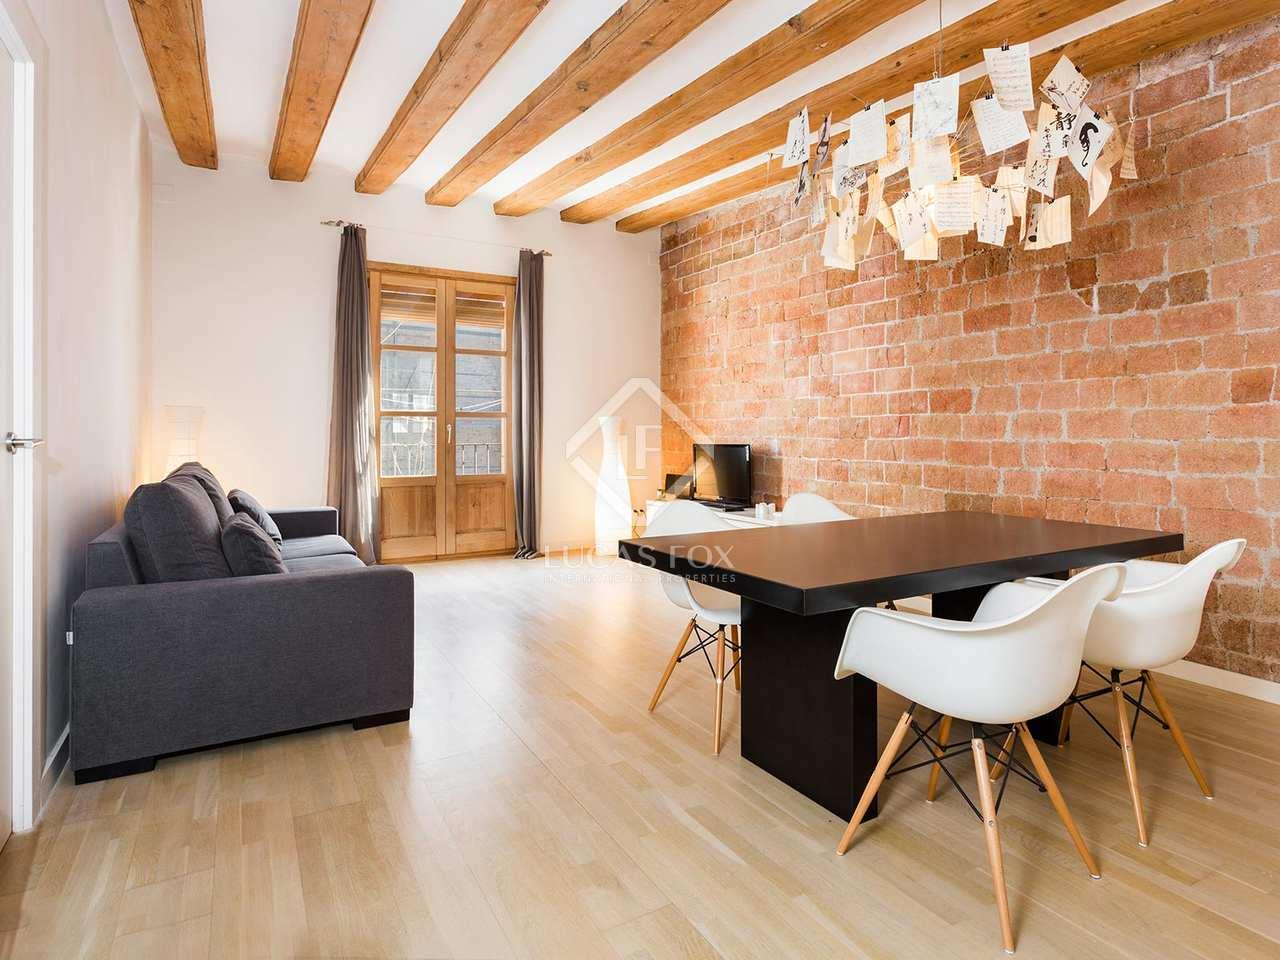 Appartement de 128m a vendre el born barcelone - Appartements a vendre a barcelone ...